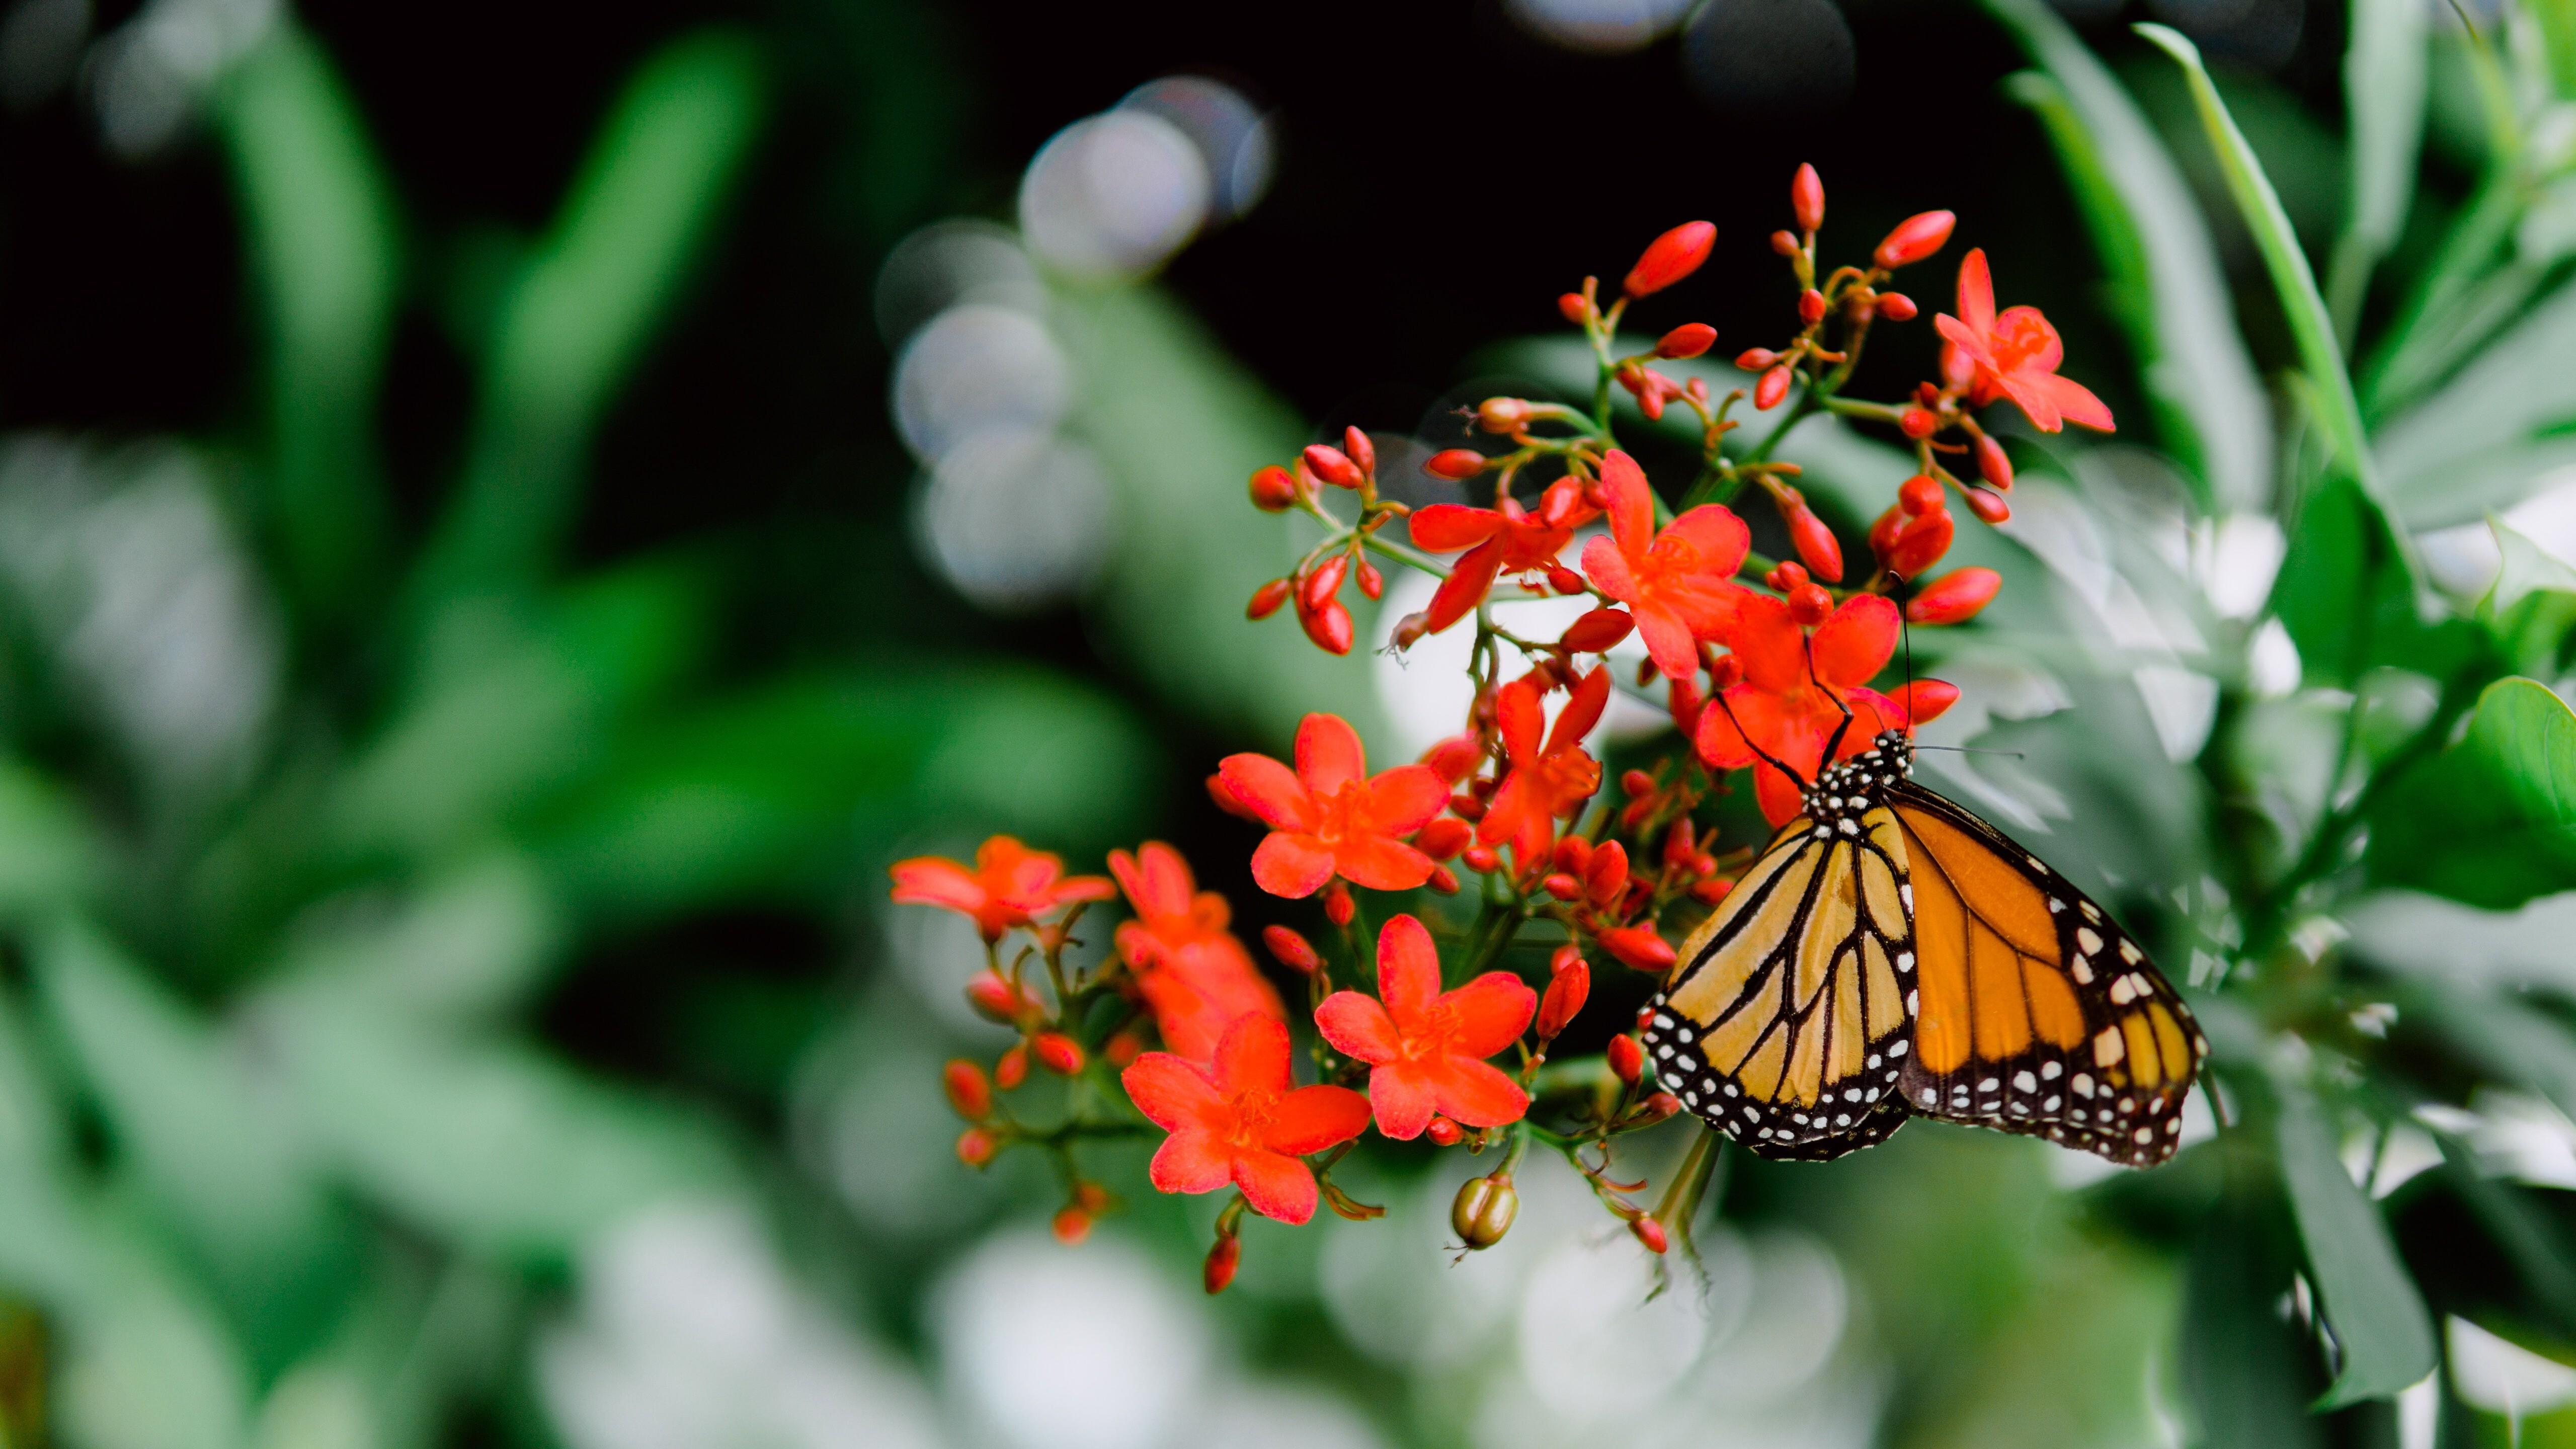 Butterfly On Beautiful Red Flower 5k Wallpaper Hd Wallpapers